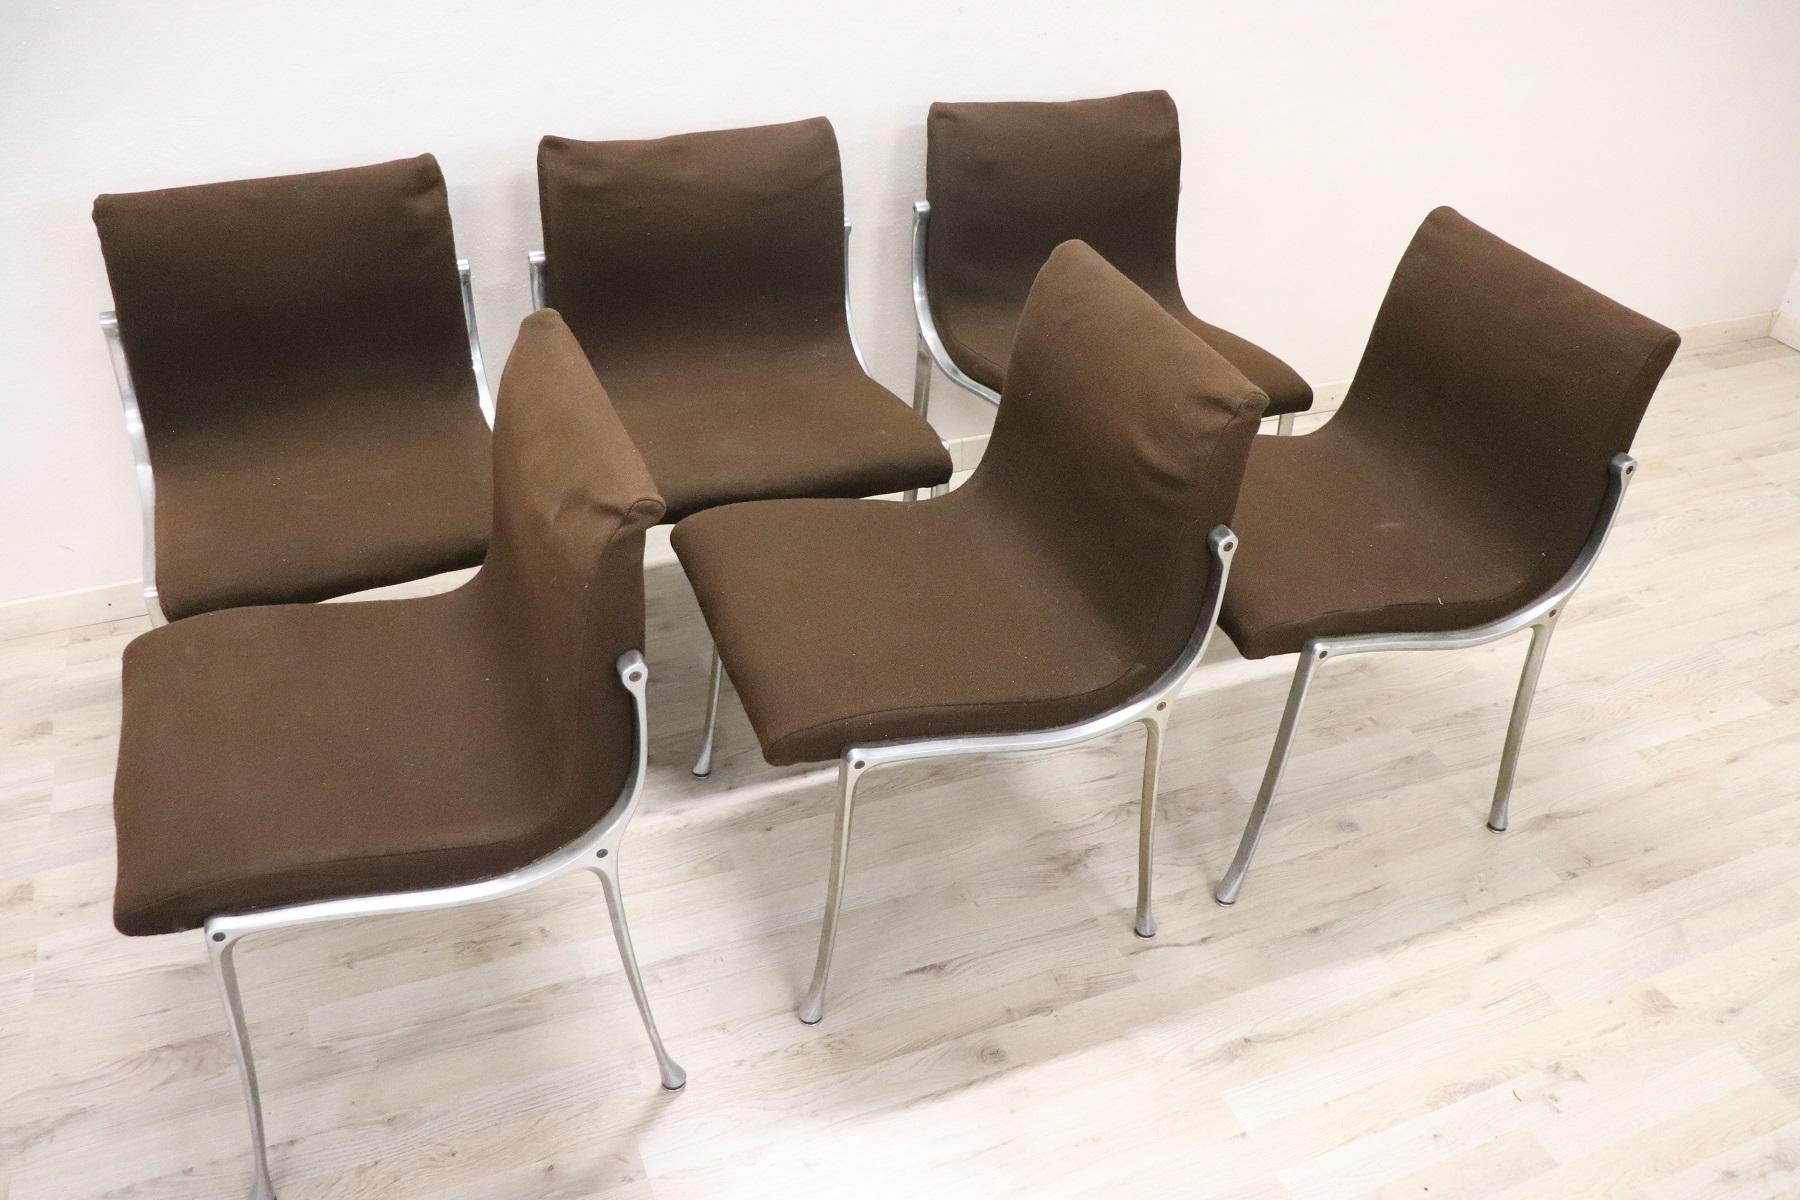 thumb5|Set di sei sedie design stile Osvaldo Borsani, 1970 prezzo trattabile